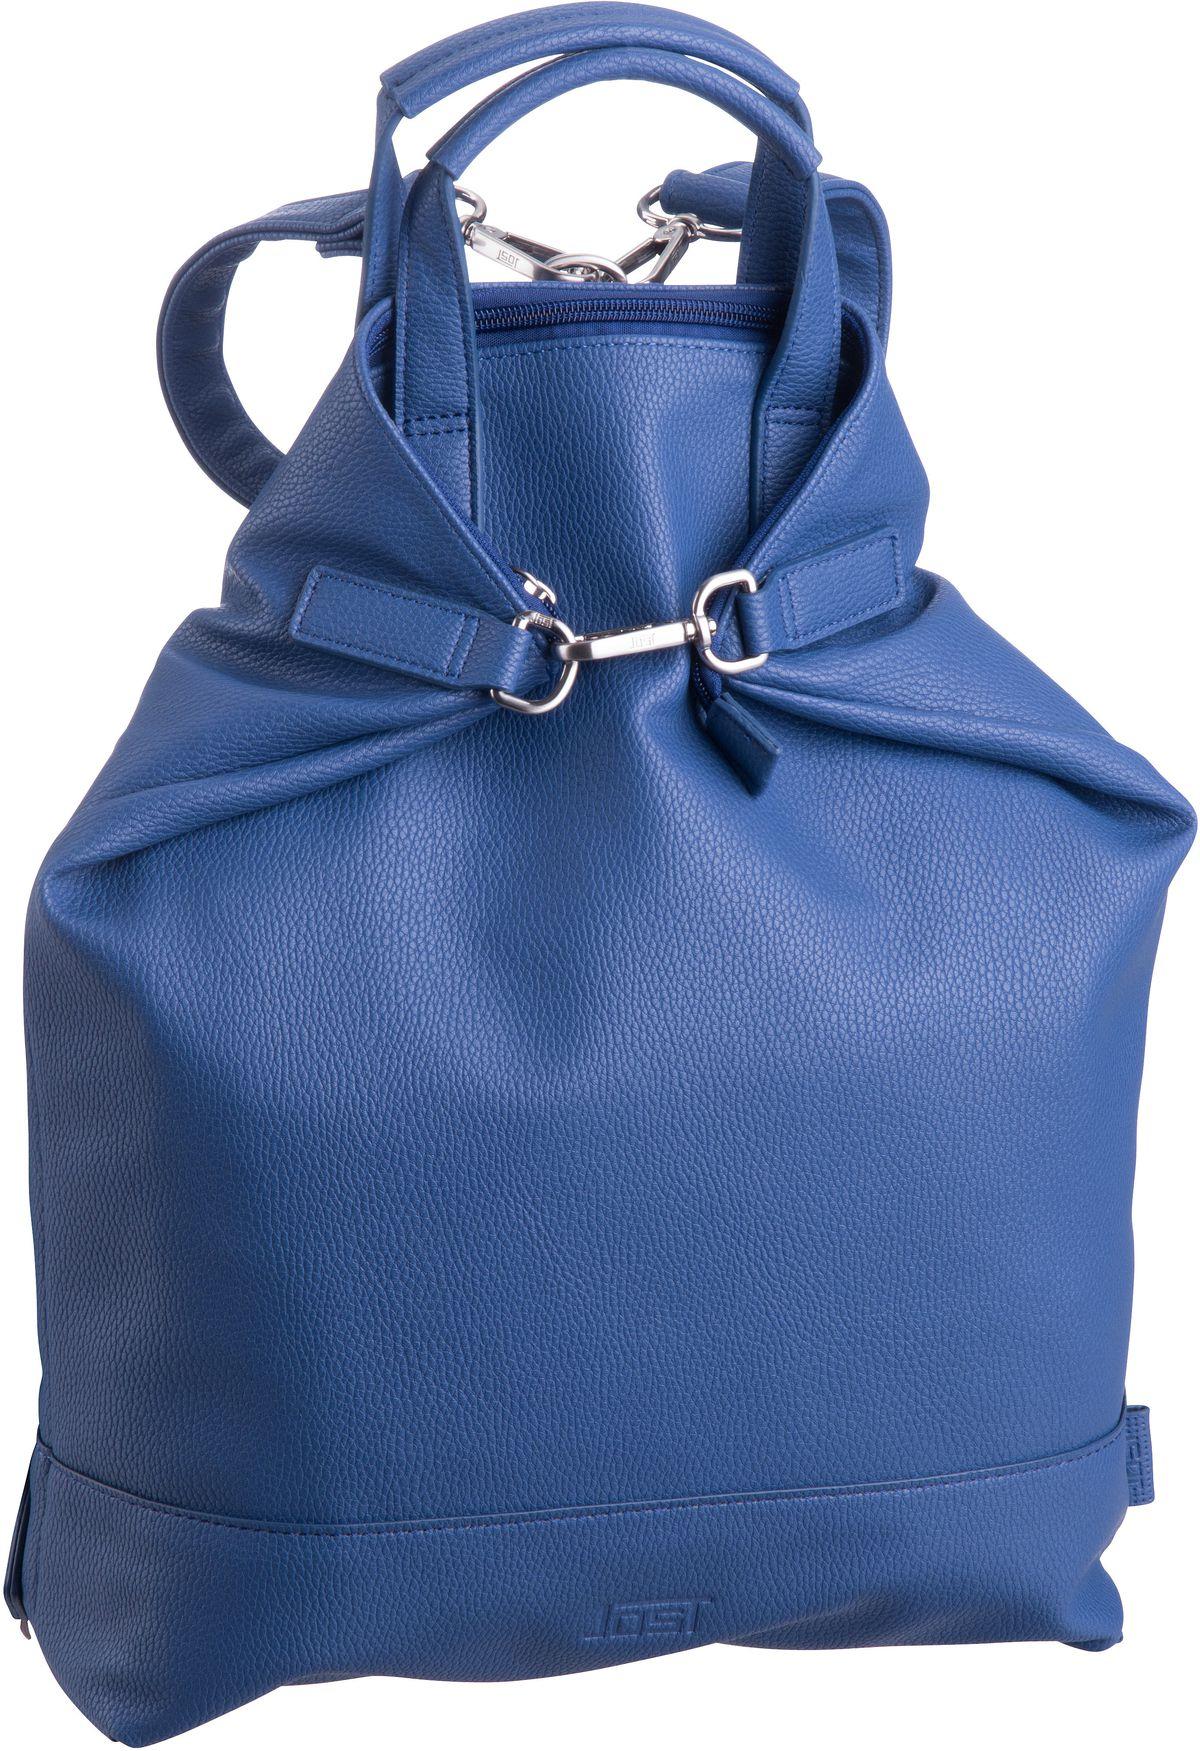 Rucksack / Daypack Merritt 2671 X-Change Bag S Royalblue